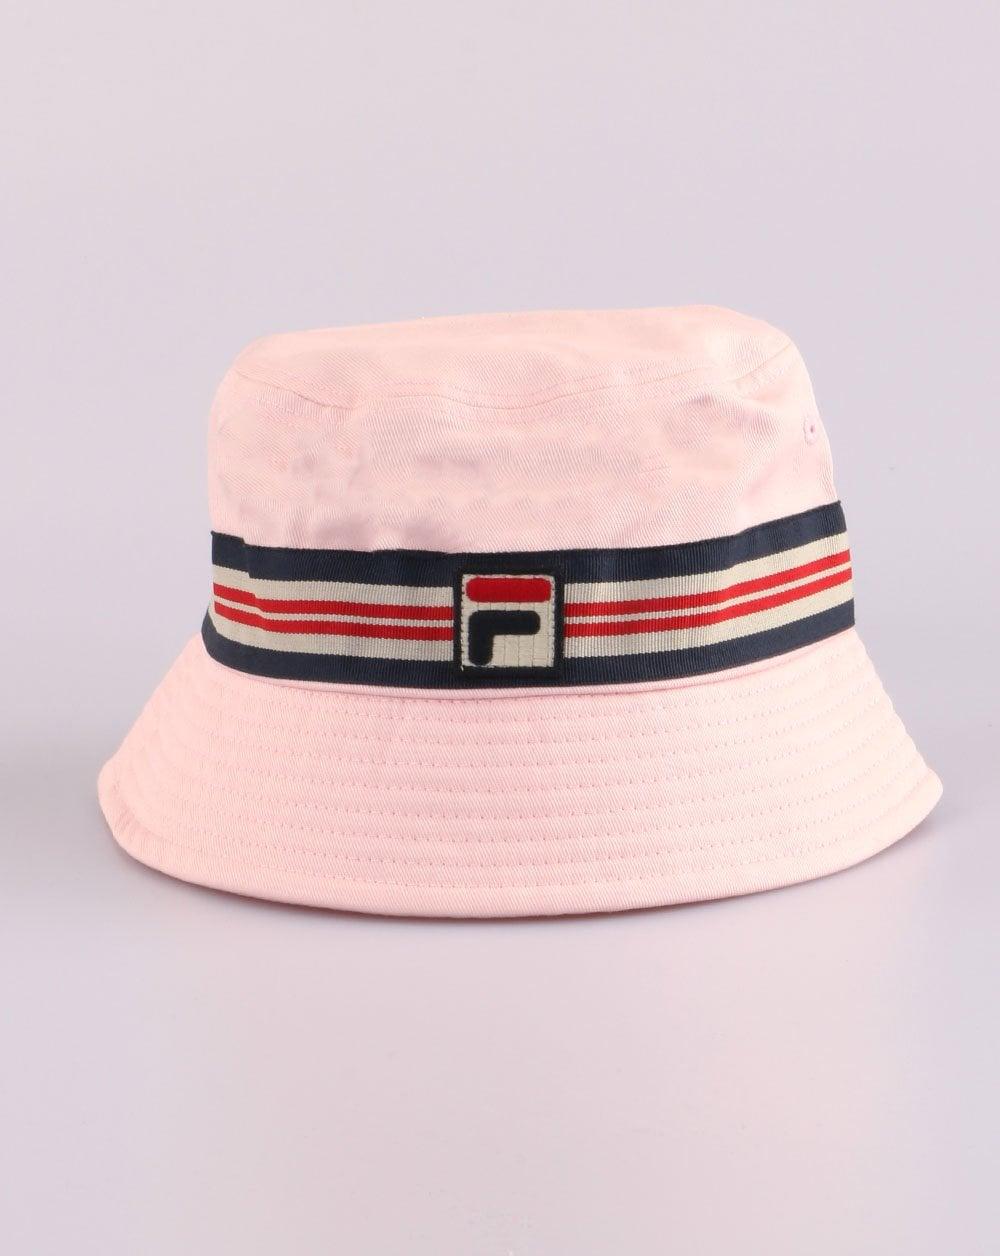 Fila Bucket hat pink